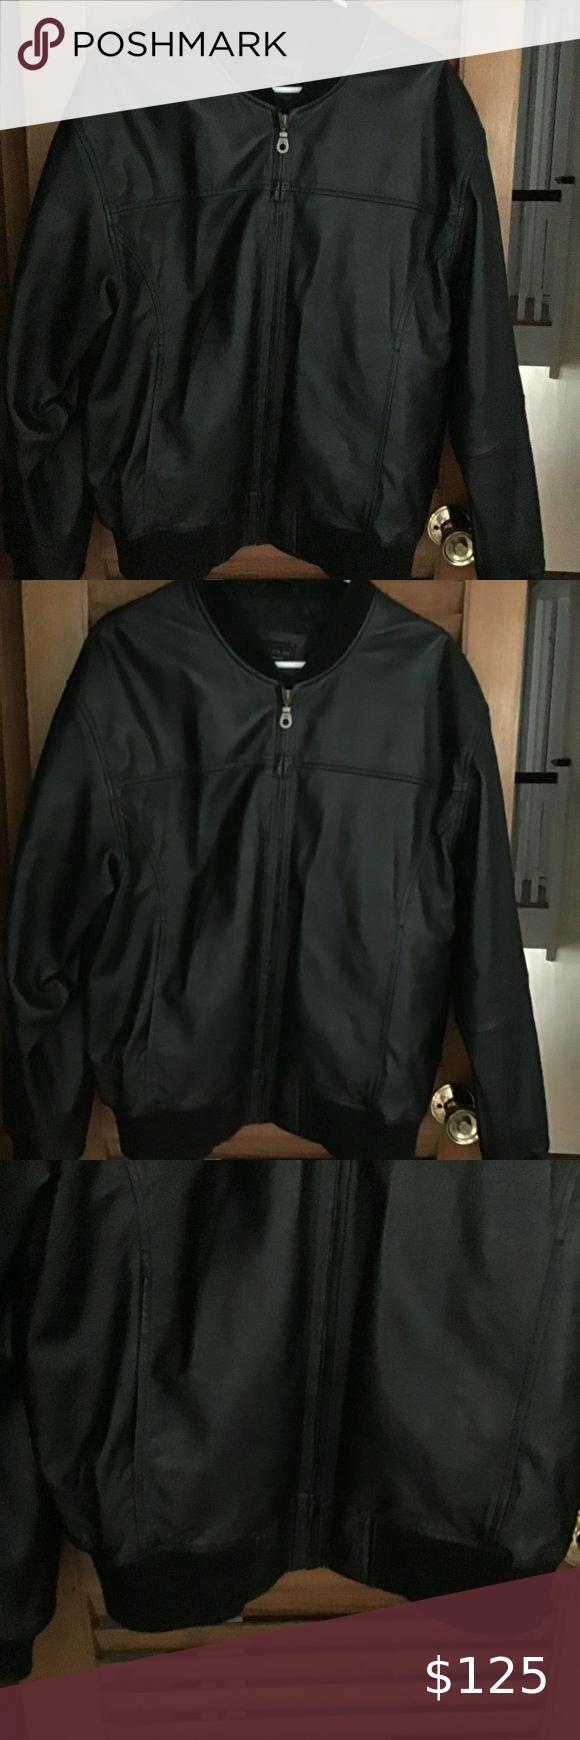 Vtg Schott Nyc Dur O Jac Leather Bomber Jacket M Leather Bomber Jacket Leather Bomber Bomber Jacket [ 1740 x 580 Pixel ]